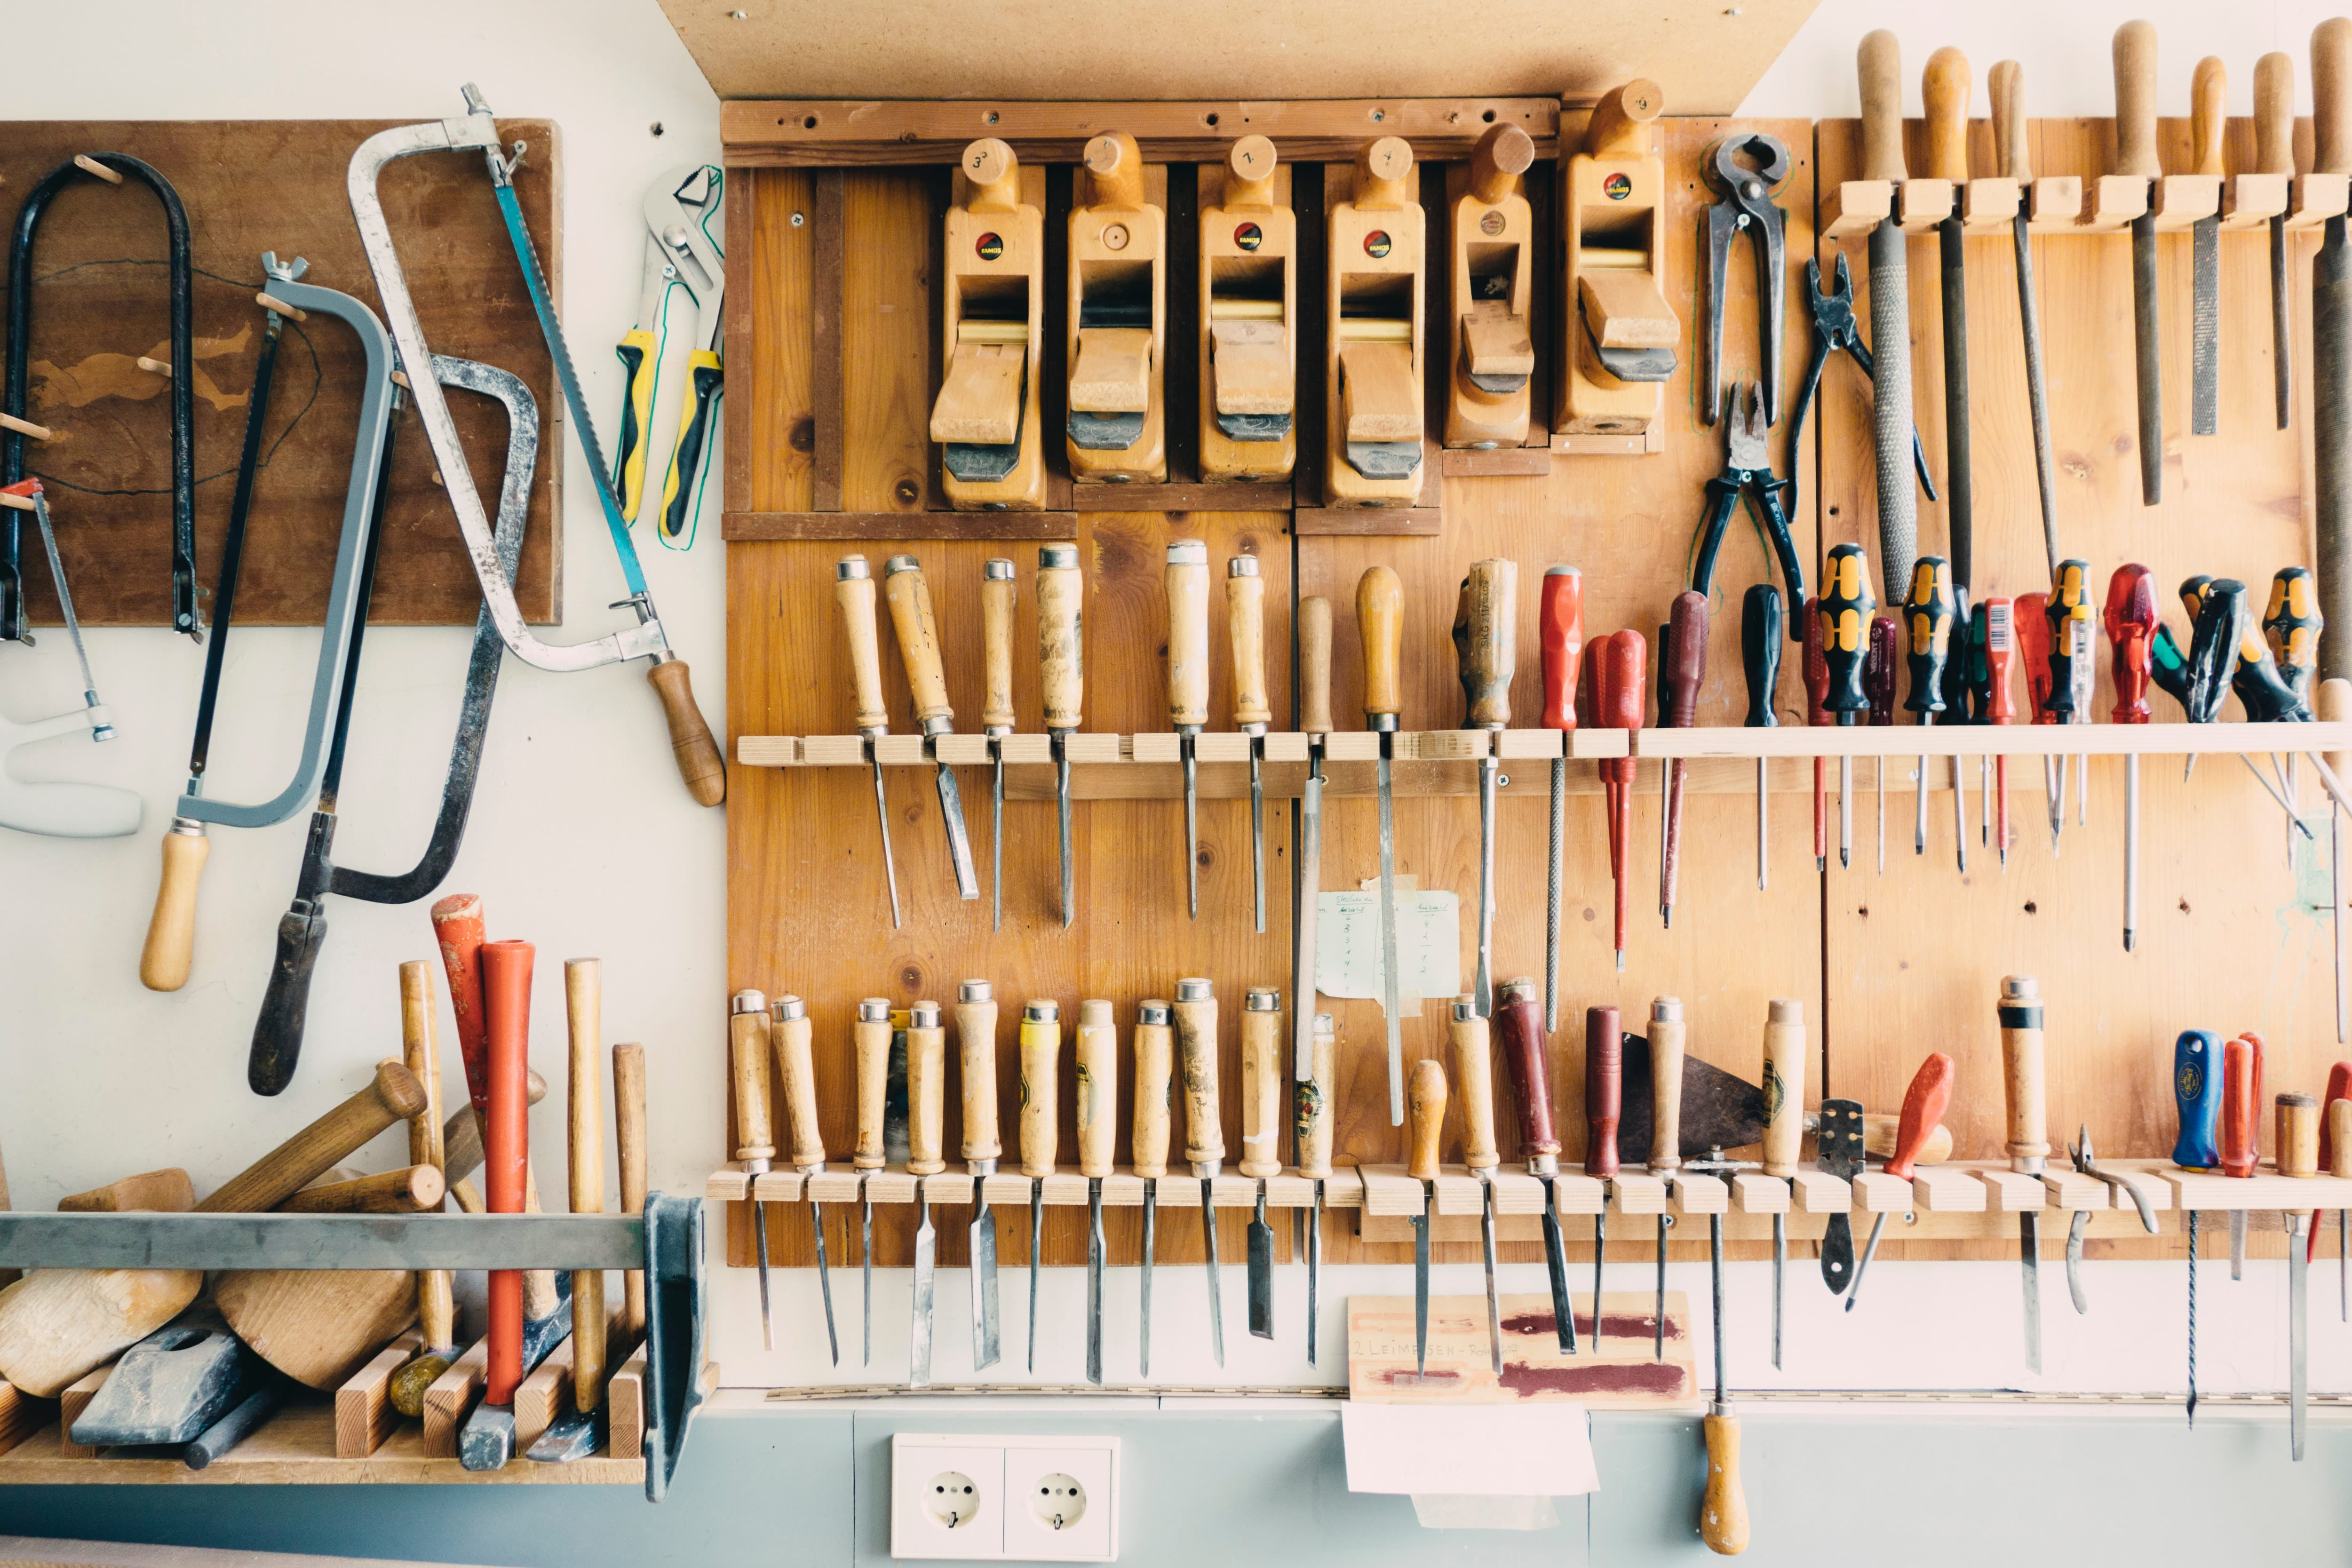 Les outils indispensables pour vos travaux de bricolage 1